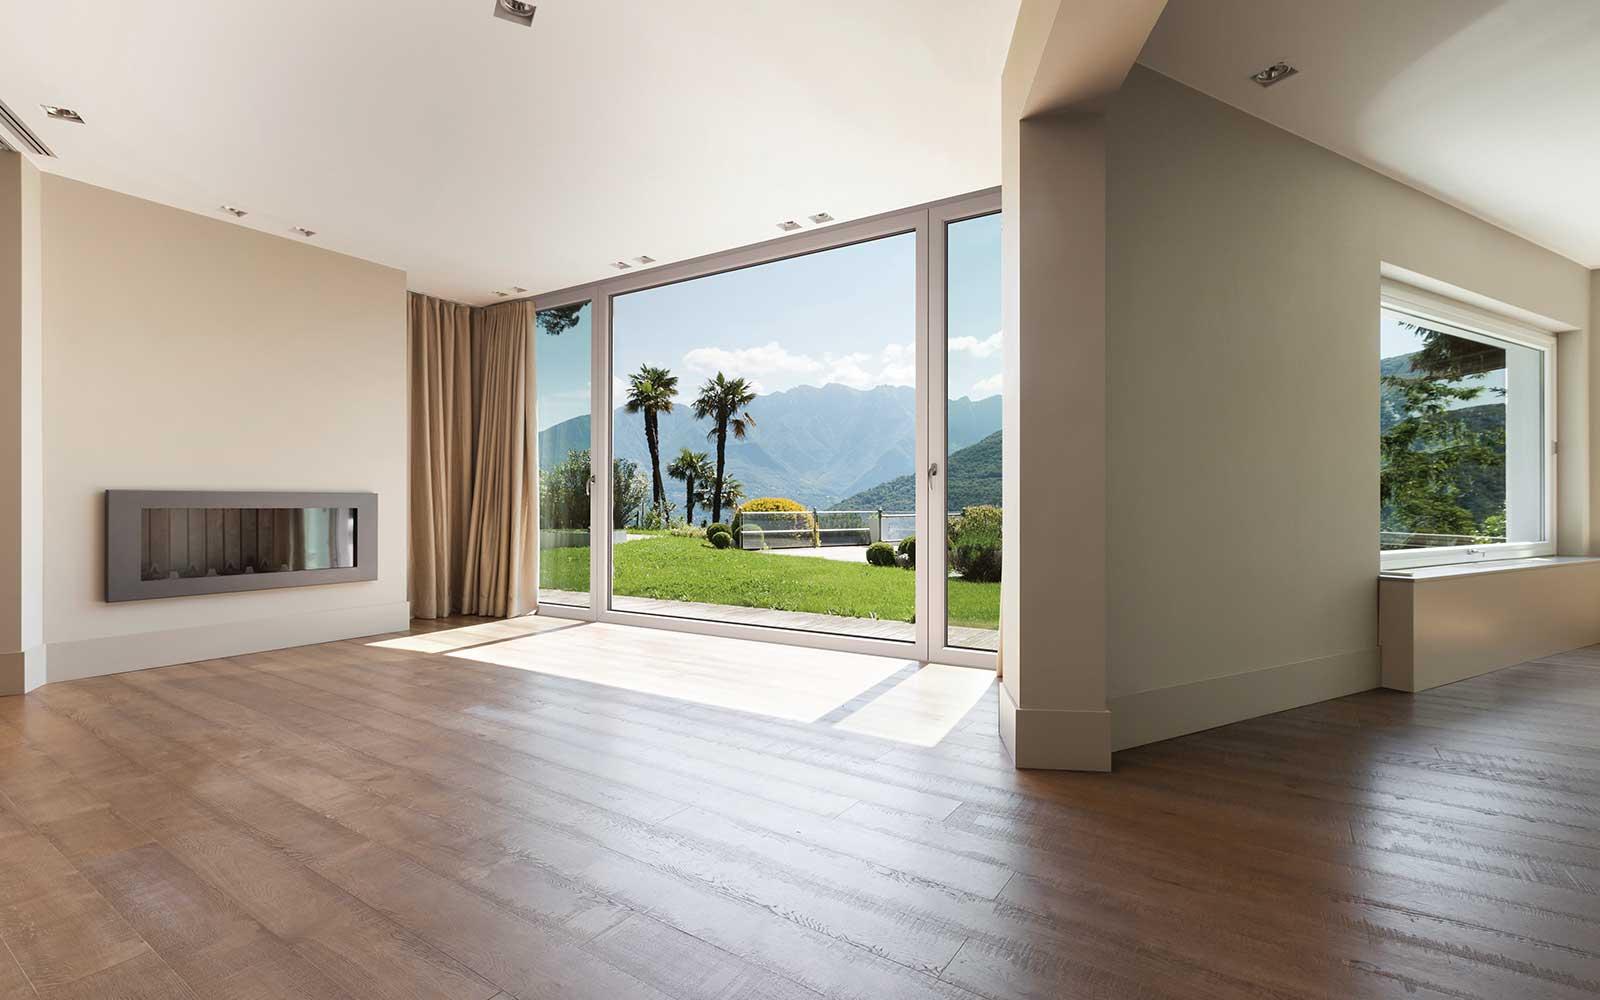 un'ampia sala con pavimento in legno